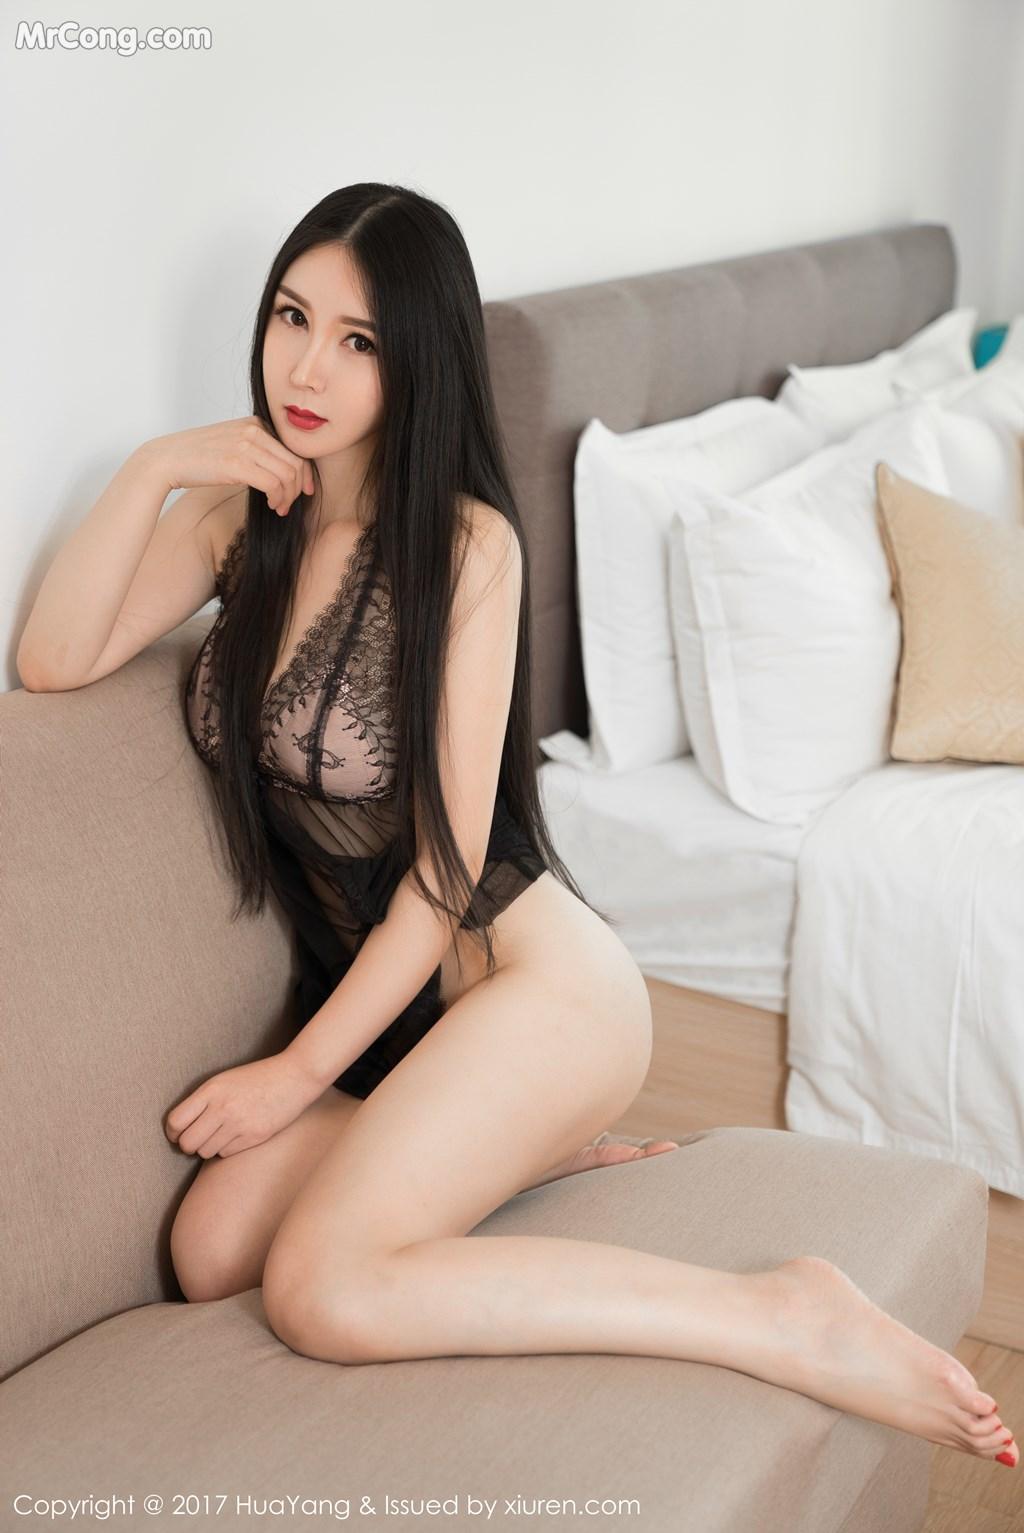 Image HuaYang-2017-12-05-Vol.017-Gu-Xinyi-MrCong.com-008 in post HuaYang 2017-12-05 Vol.017: Người mẫu Gu Xinyi (顾欣怡) (44 ảnh)